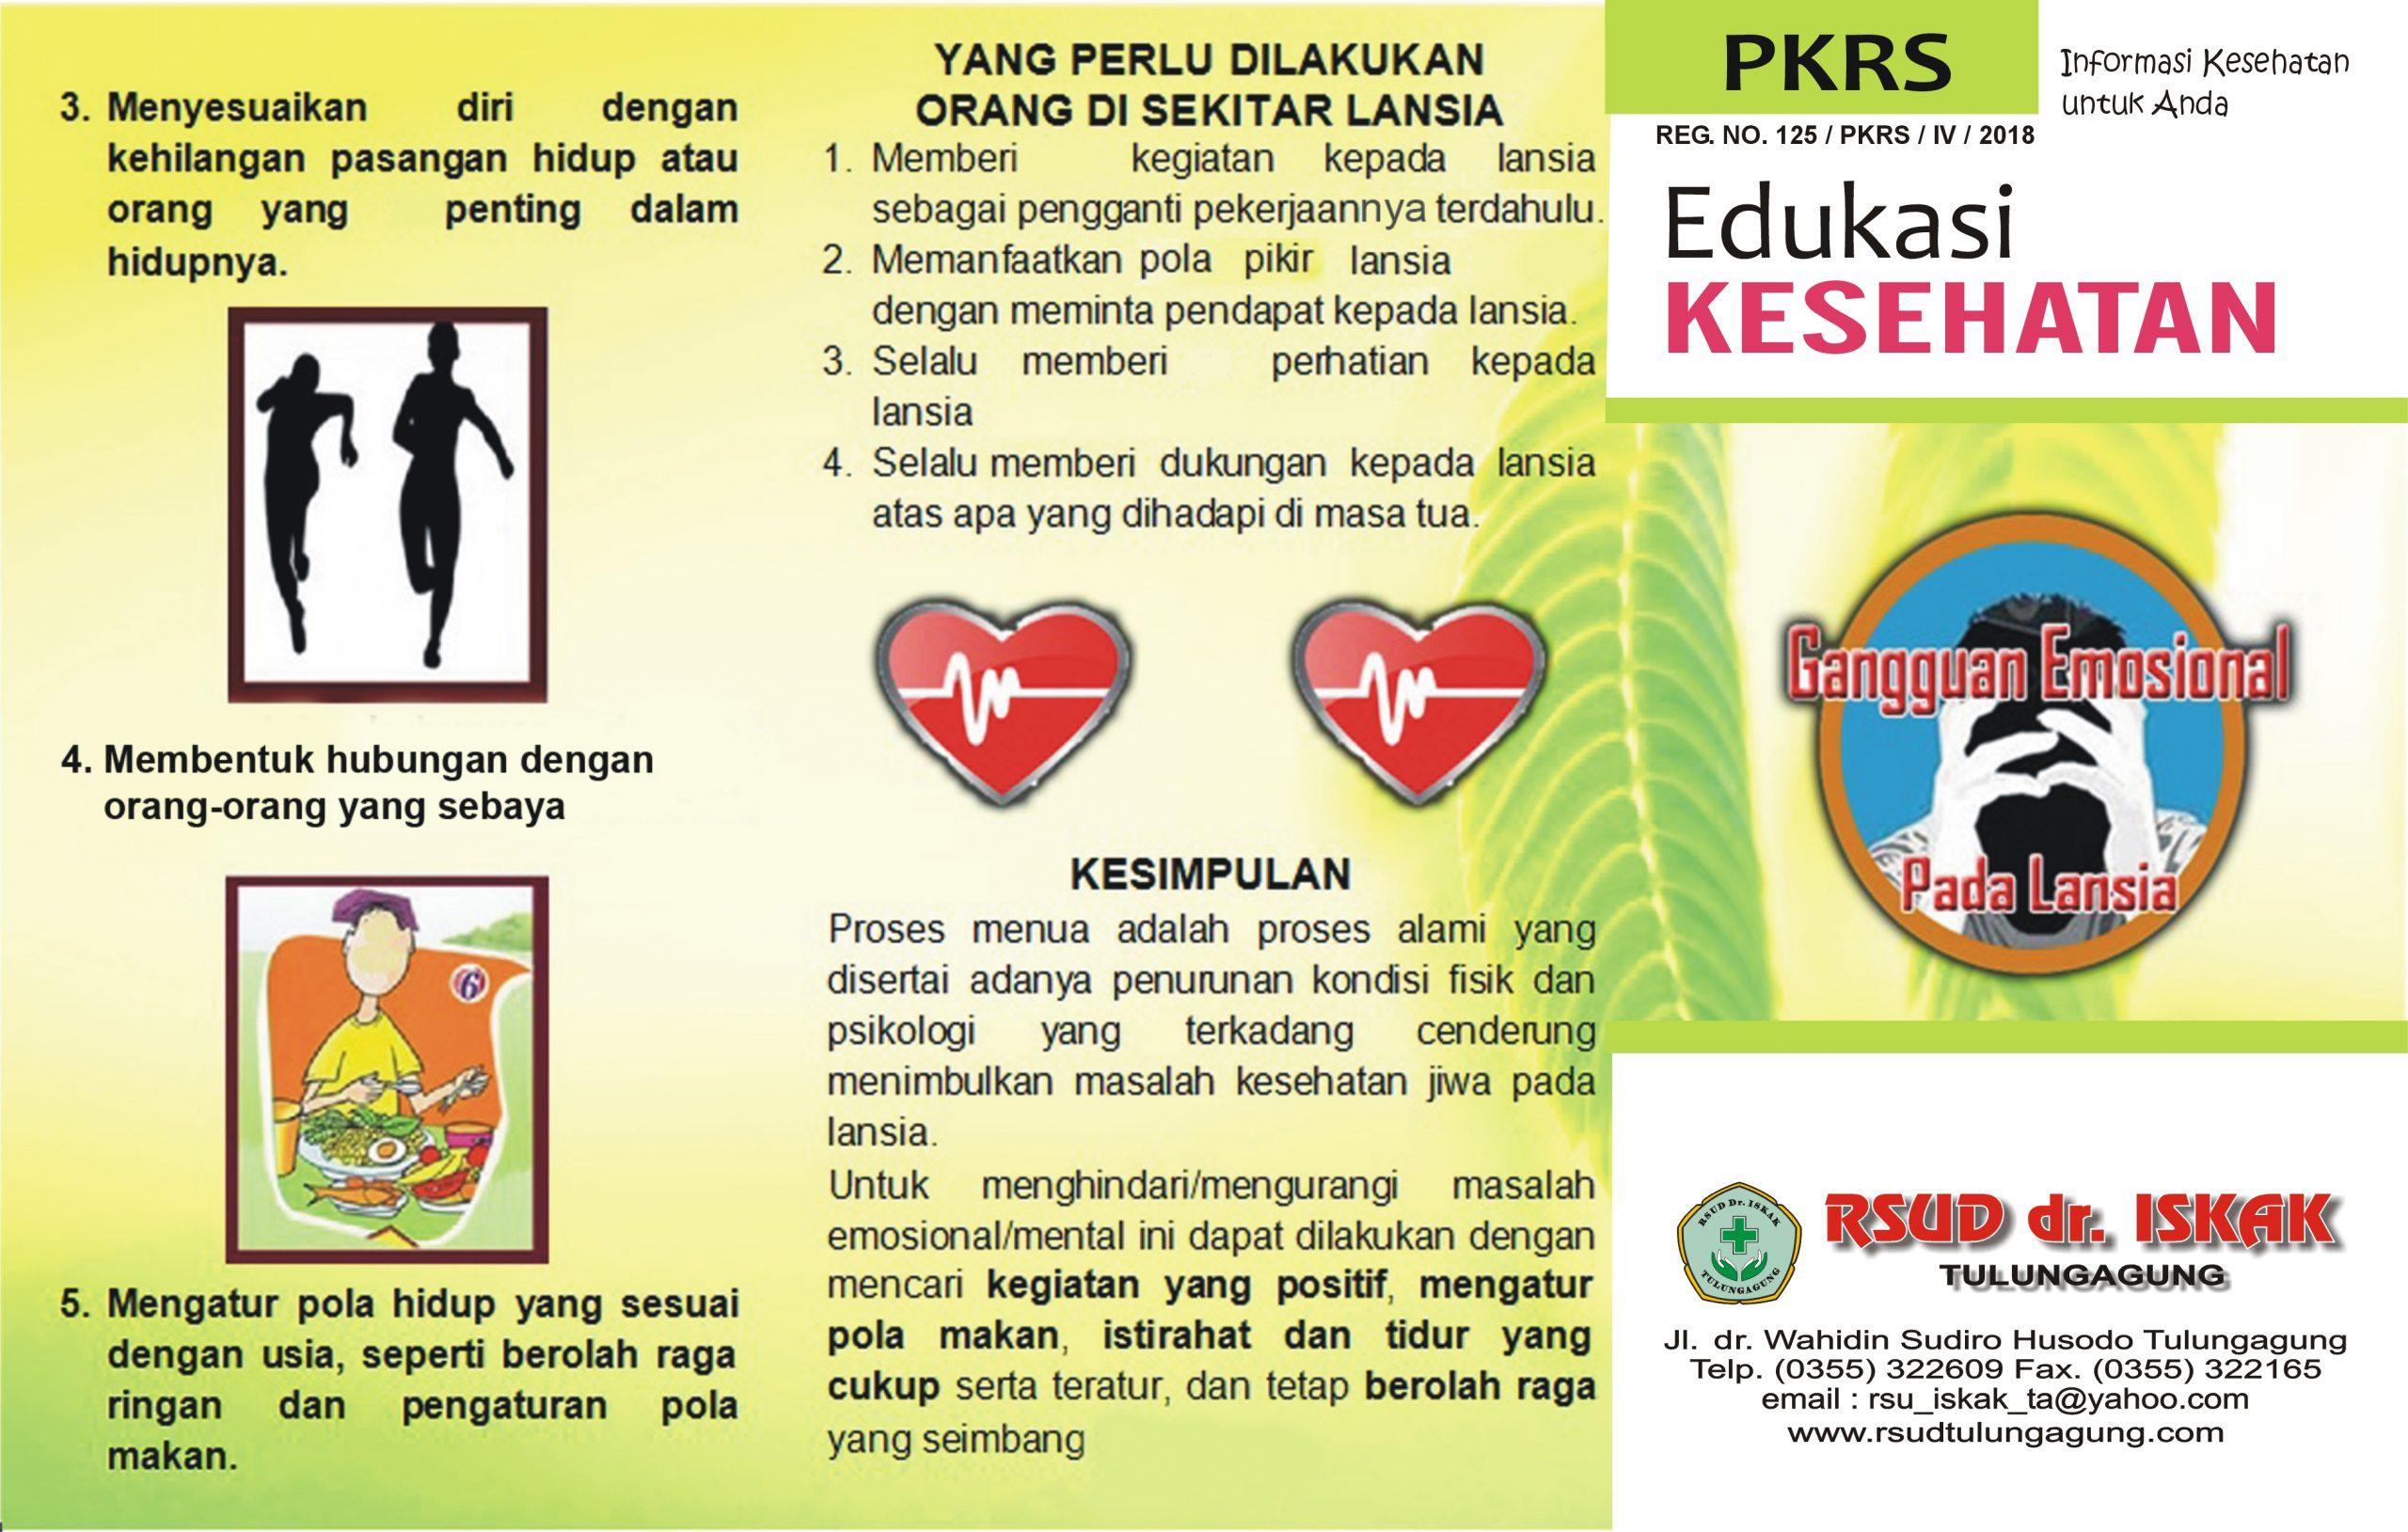 edukasi kesehatan